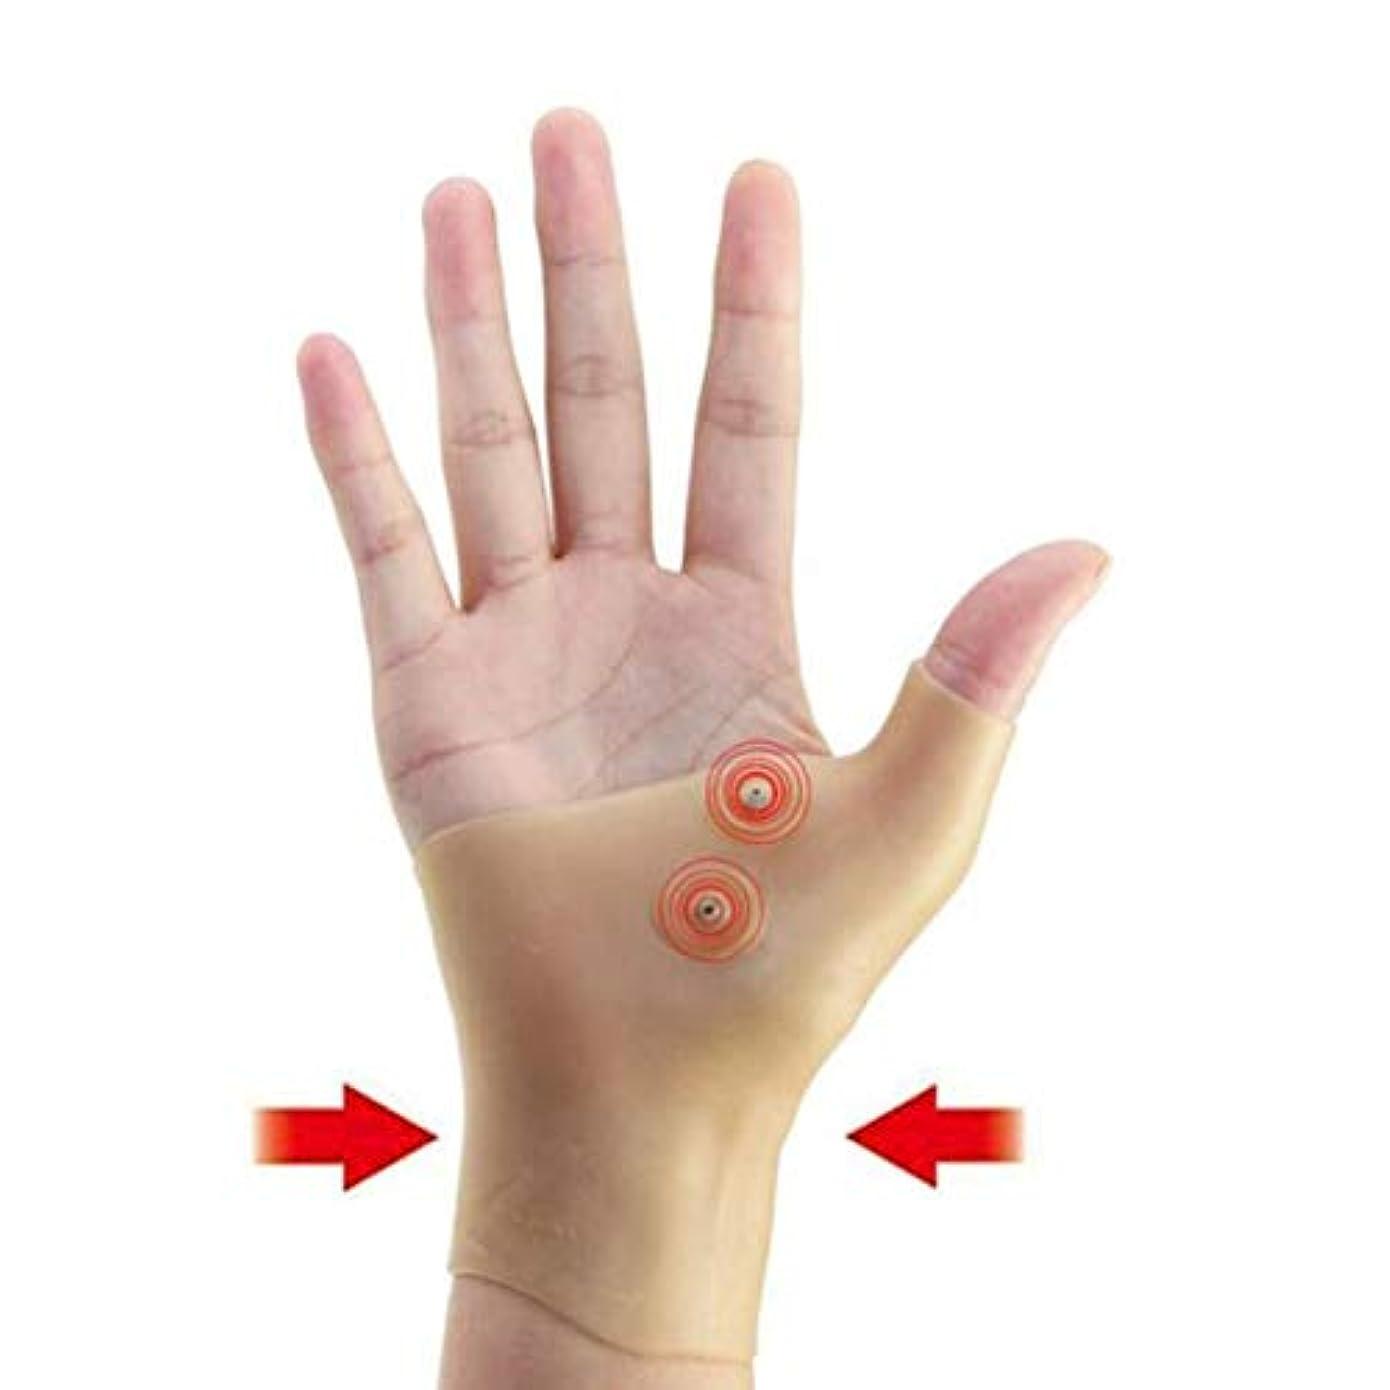 記念学習者発見する磁気療法手首手親指サポート手袋シリコーンゲル関節炎圧力矯正器マッサージ痛み緩和手袋 - 肌の色